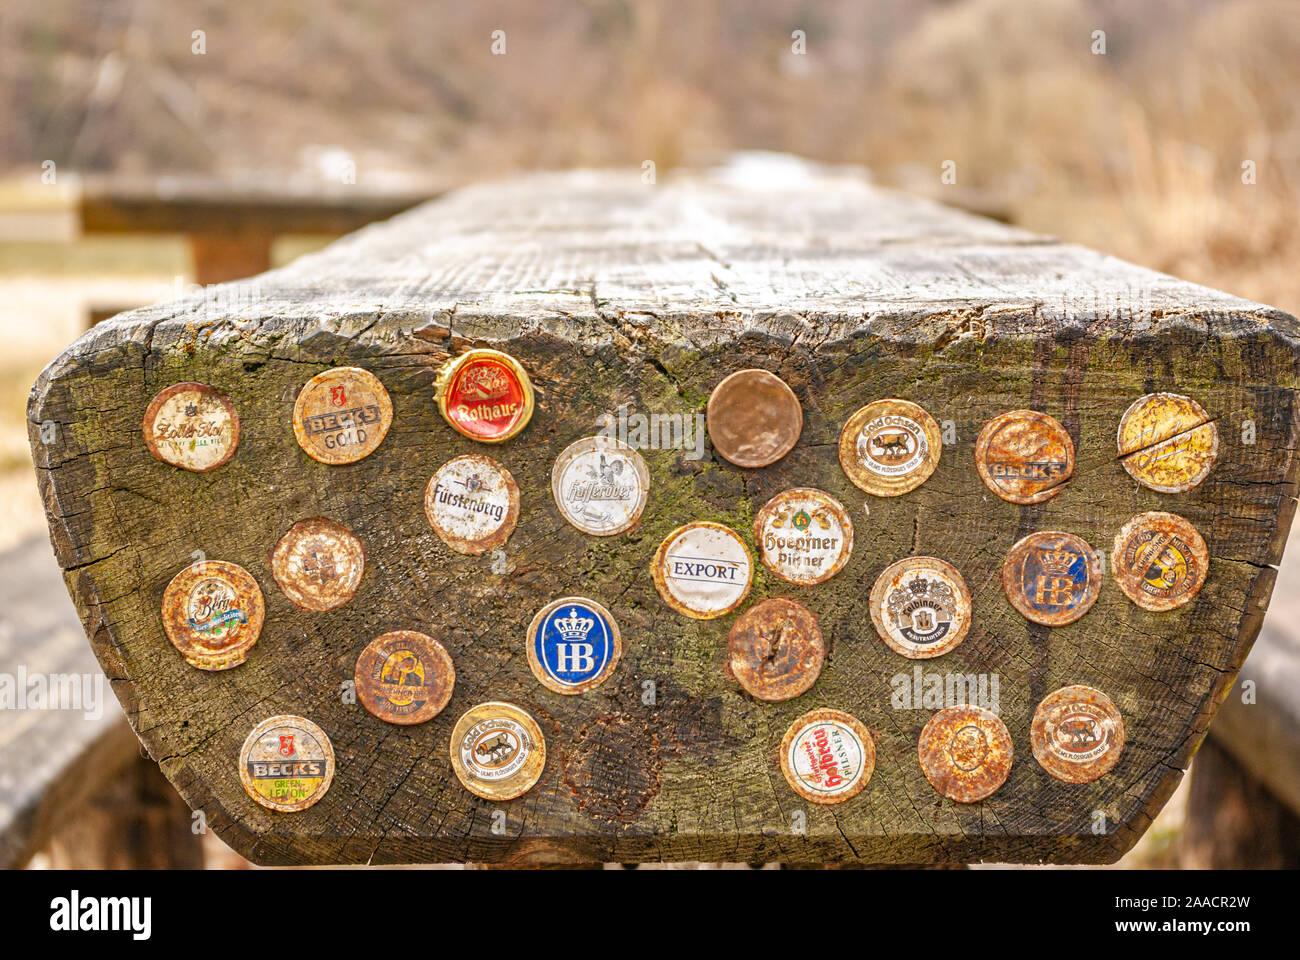 Kappen von verschiedenen deutschen Biermarken in die Front eines Rastplatz Sitzbank gehämmert. Stockfoto